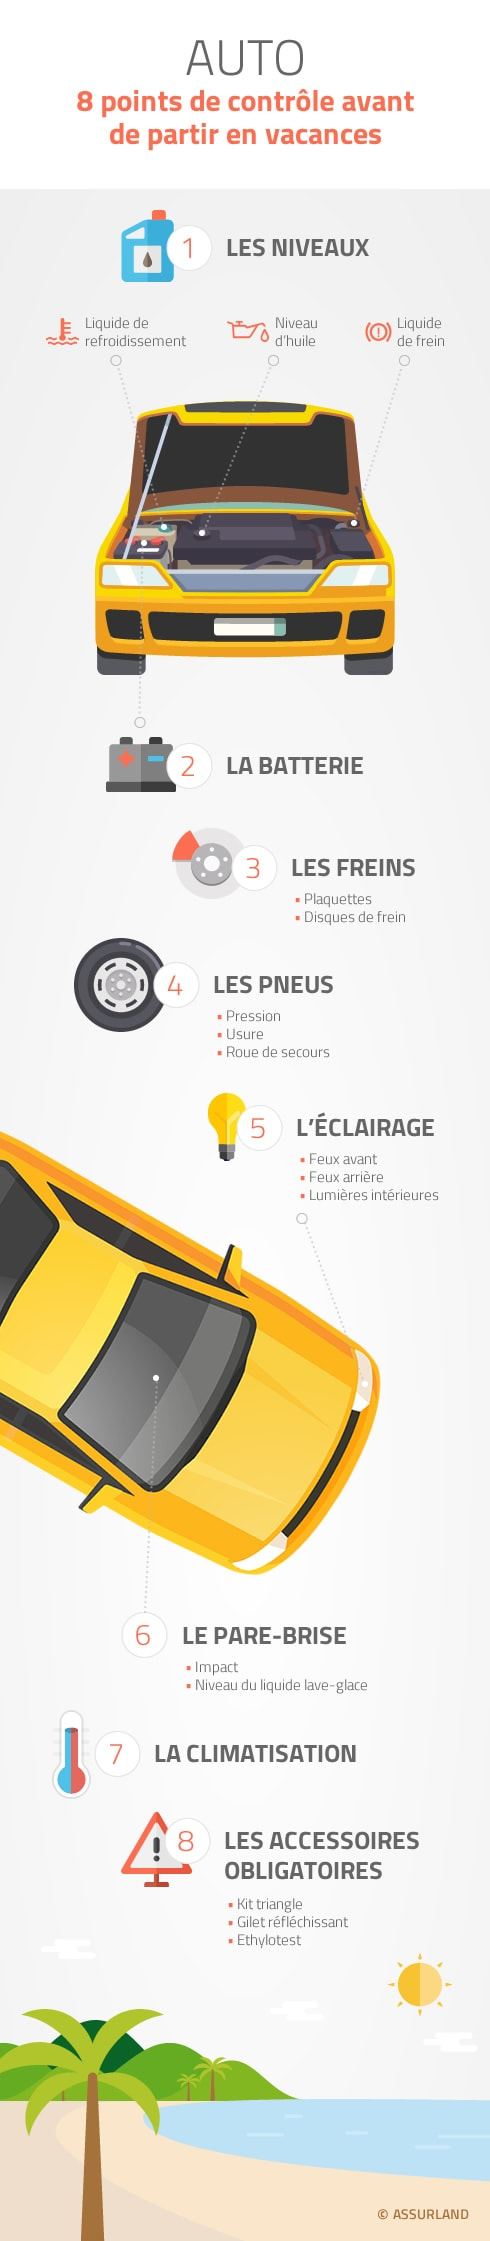 infographie-verifications-automobile